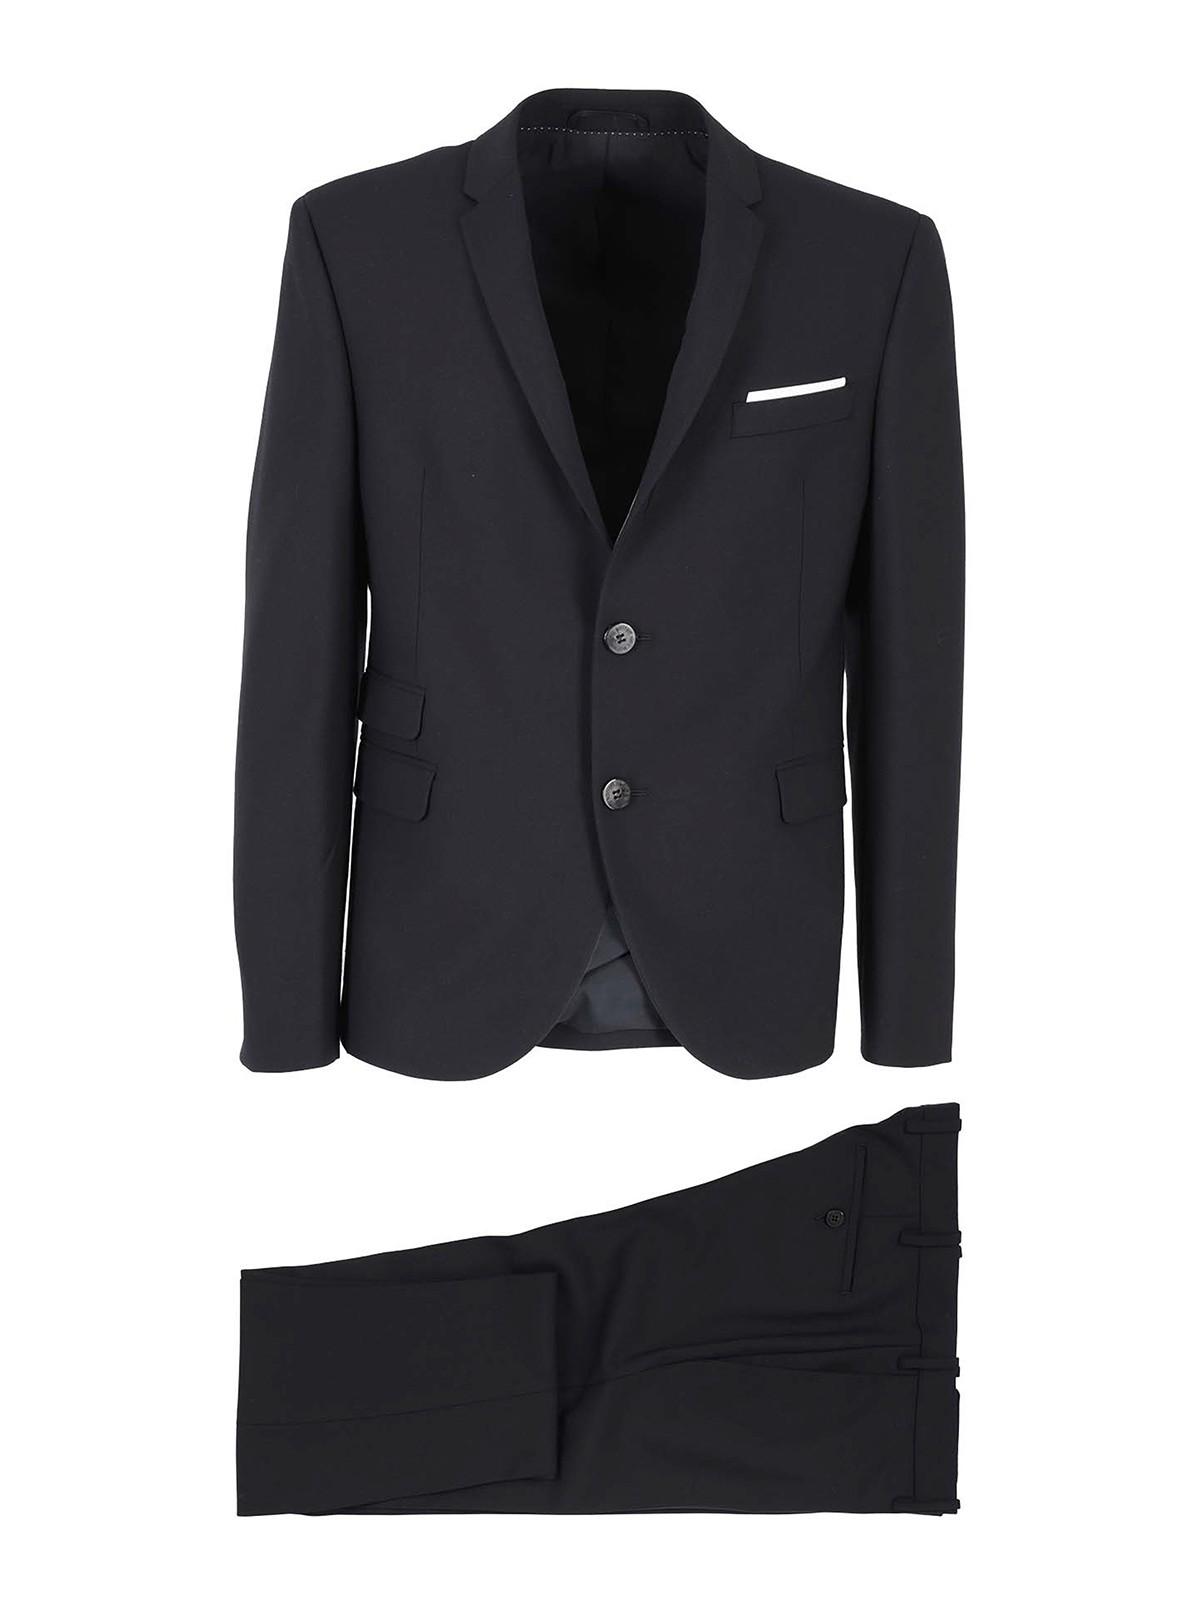 Neil Barrett Suits WOOL BLEND SUIT